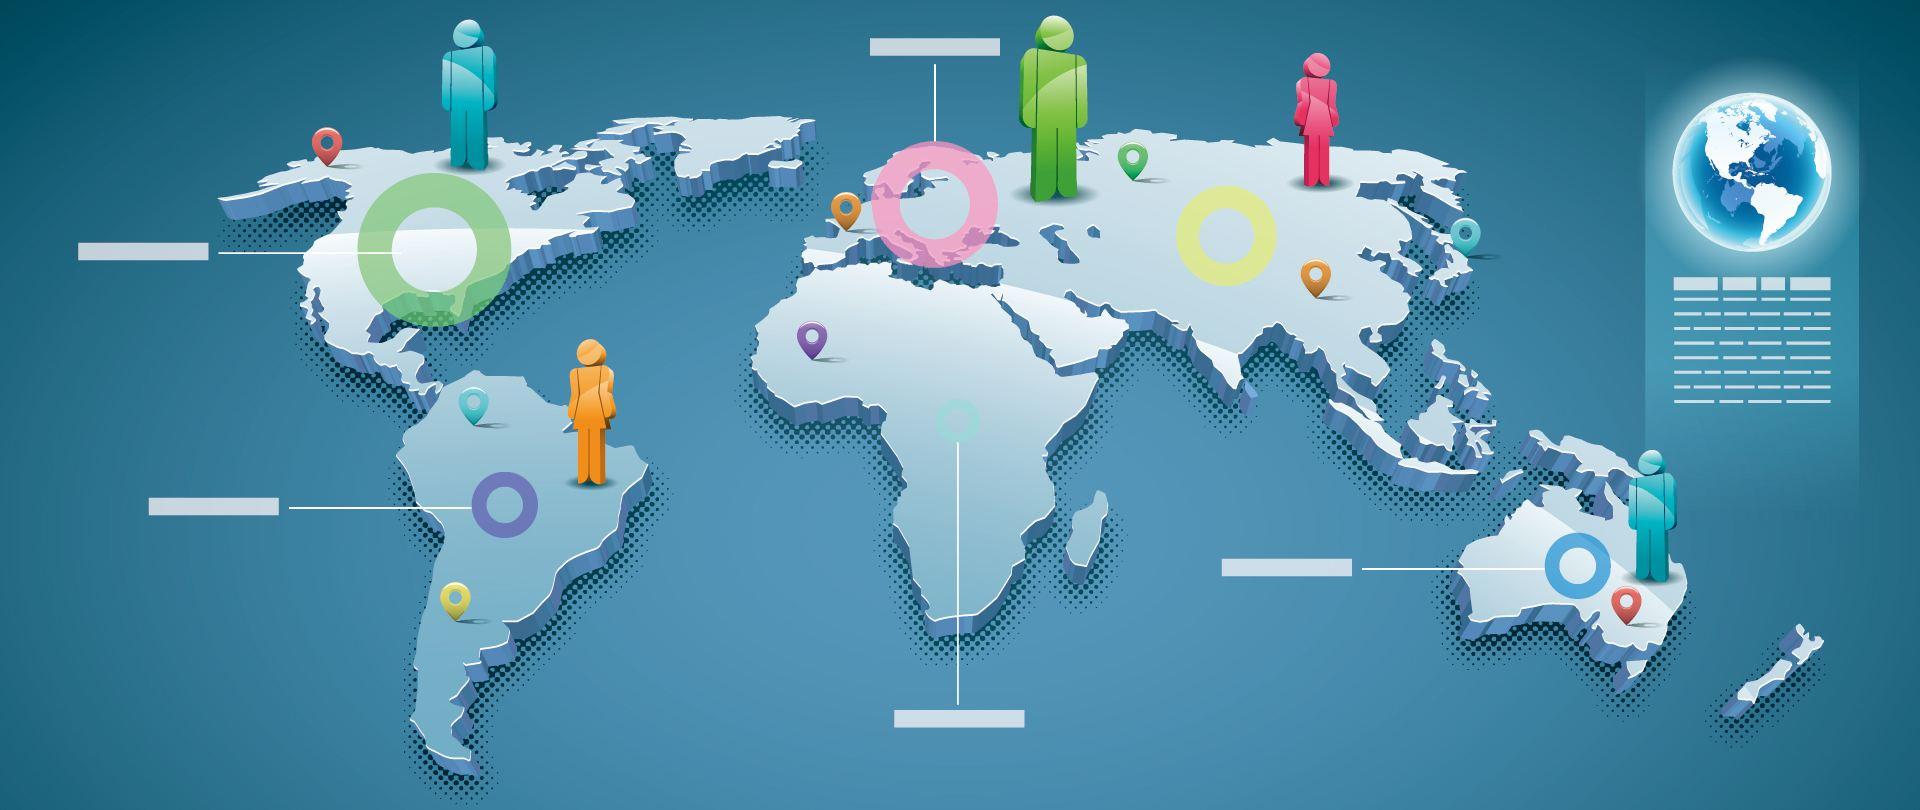 让互联网更好造福国家和人民